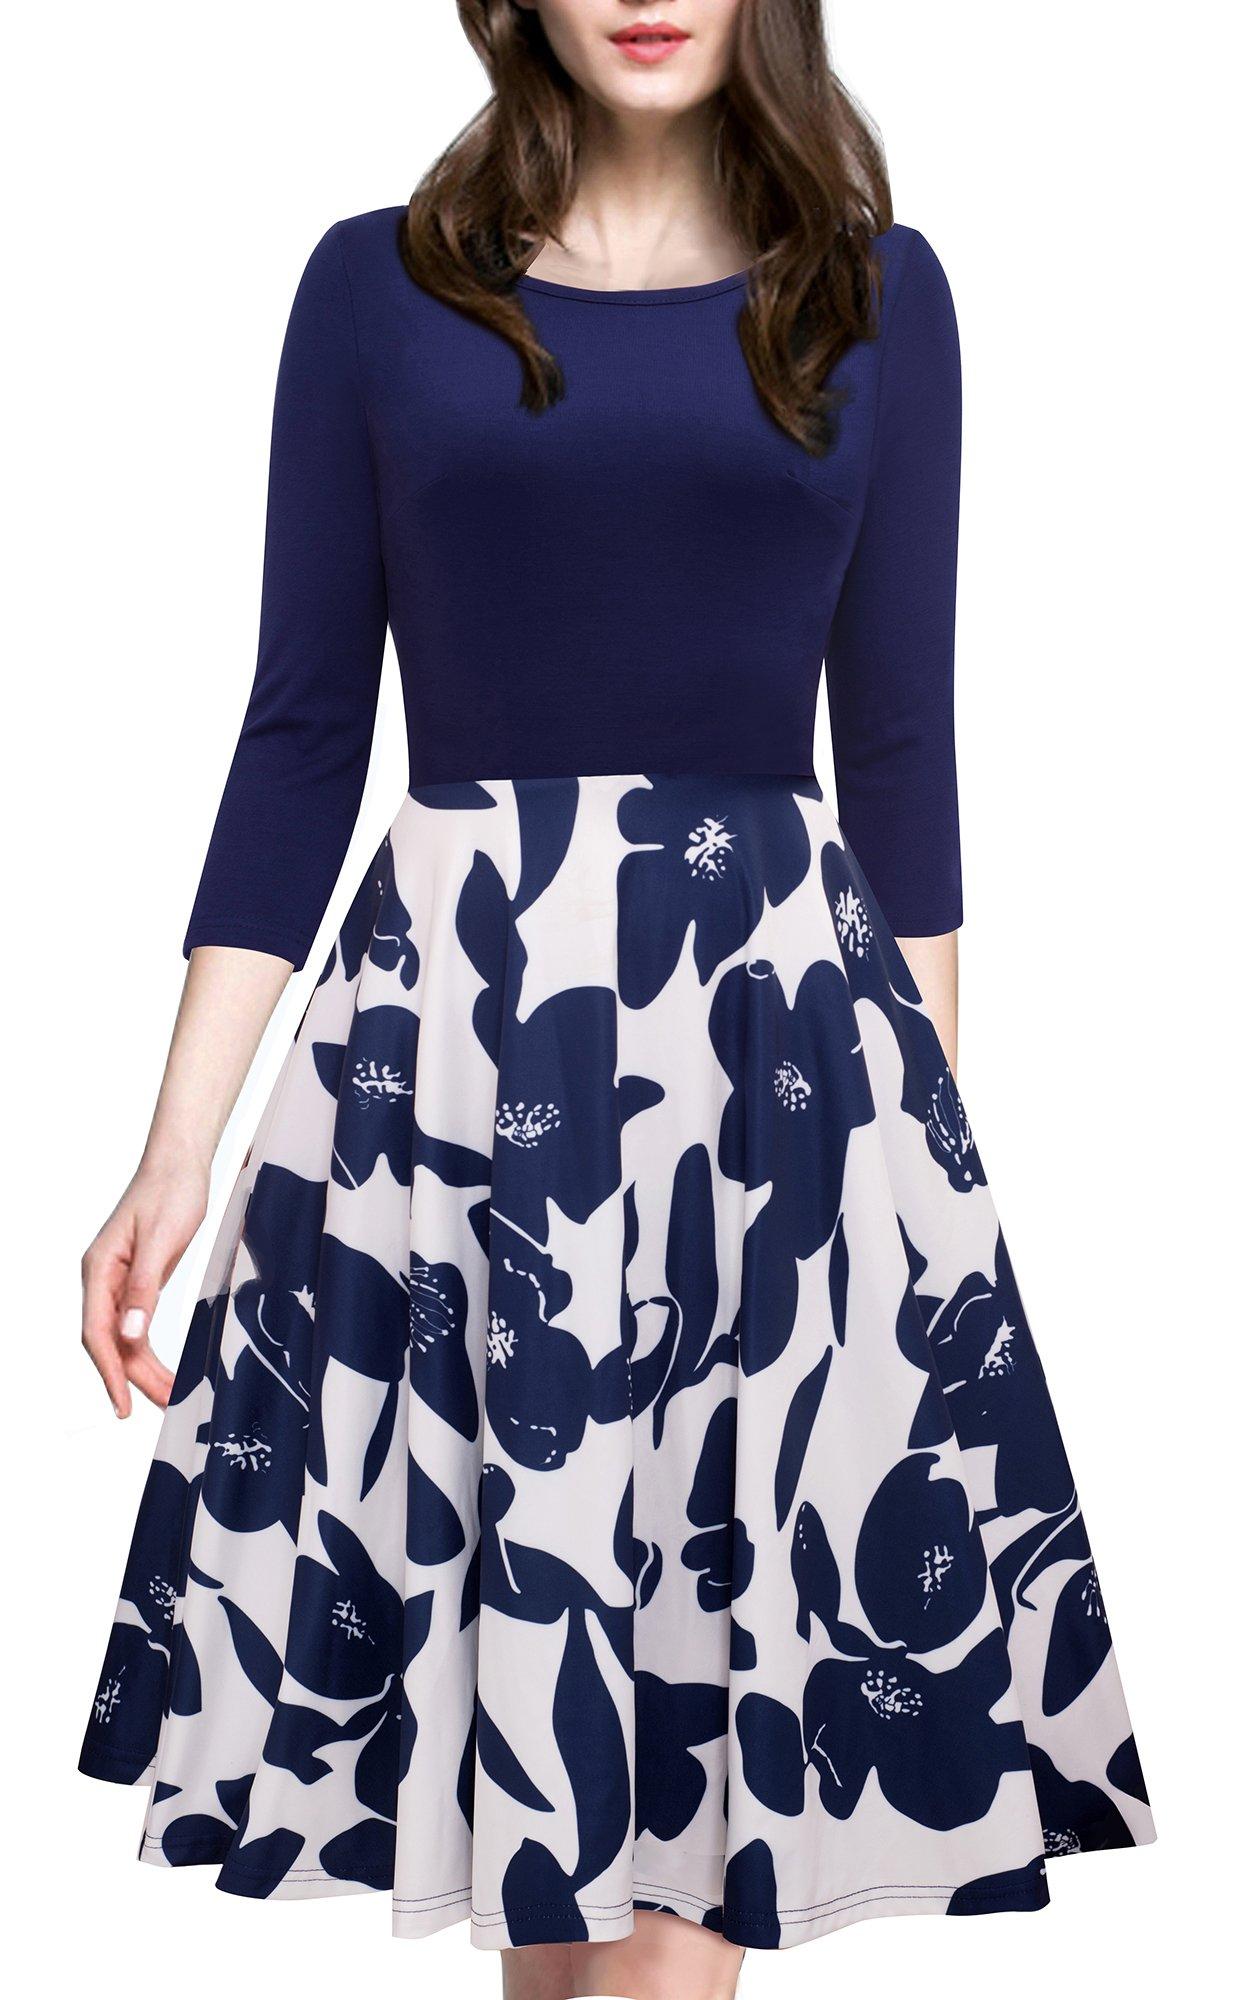 HOMEYEE 女式 20 世纪 50 年代复古优雅盖袖飘逸派对礼服 A009